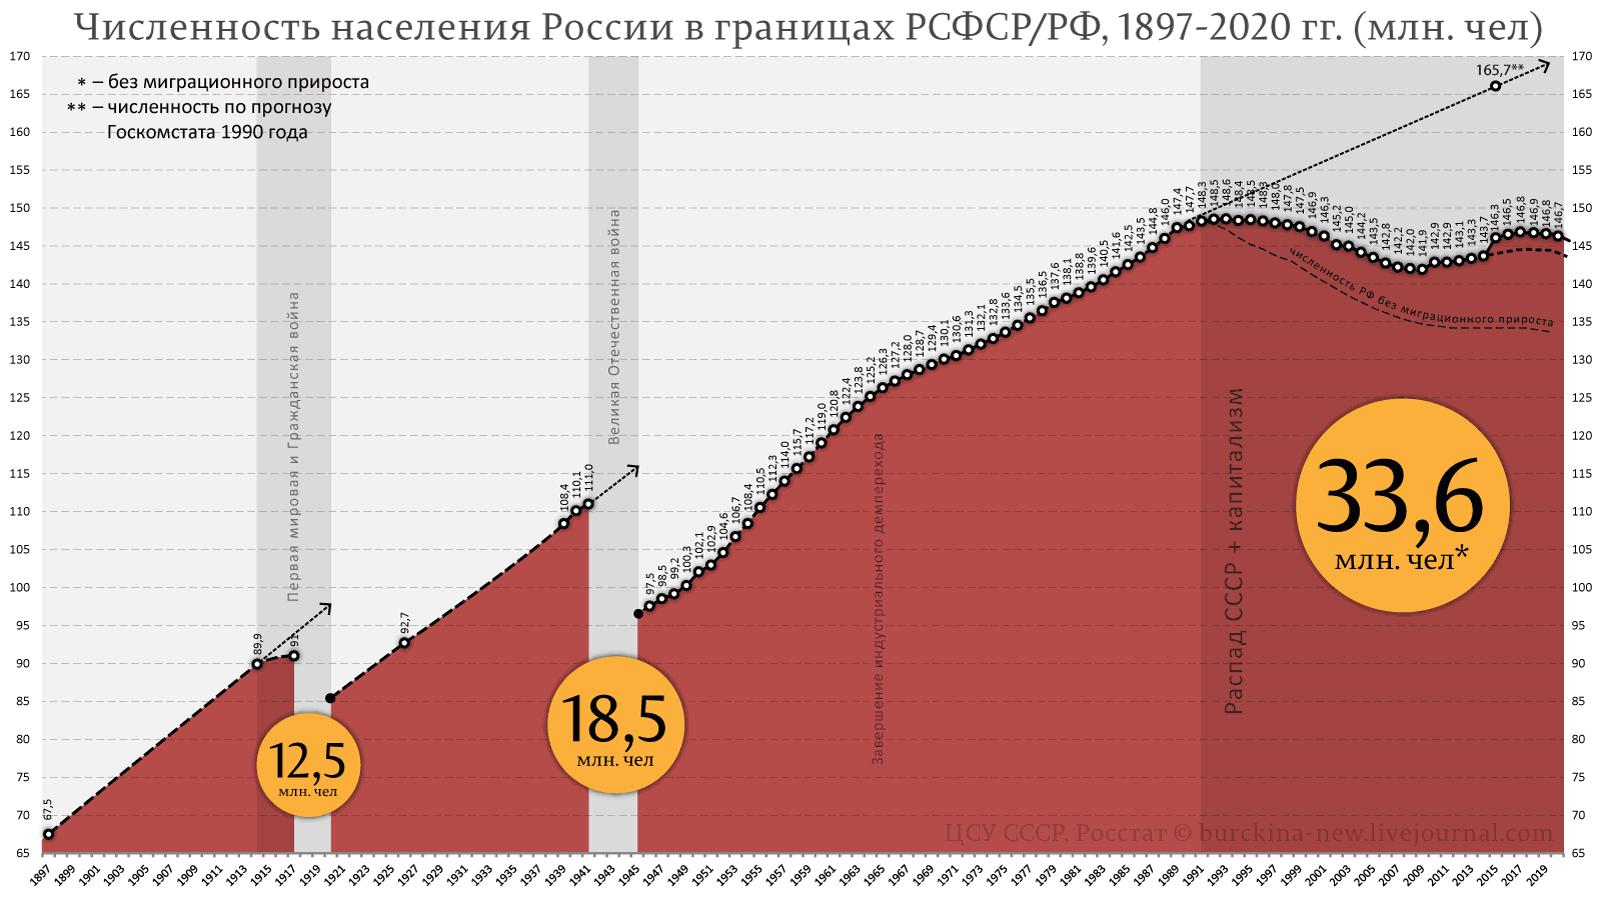 Численность-населения-России-в-границах-РСФСР-РФ,-1897-2020-гг.-(млн.-чел)